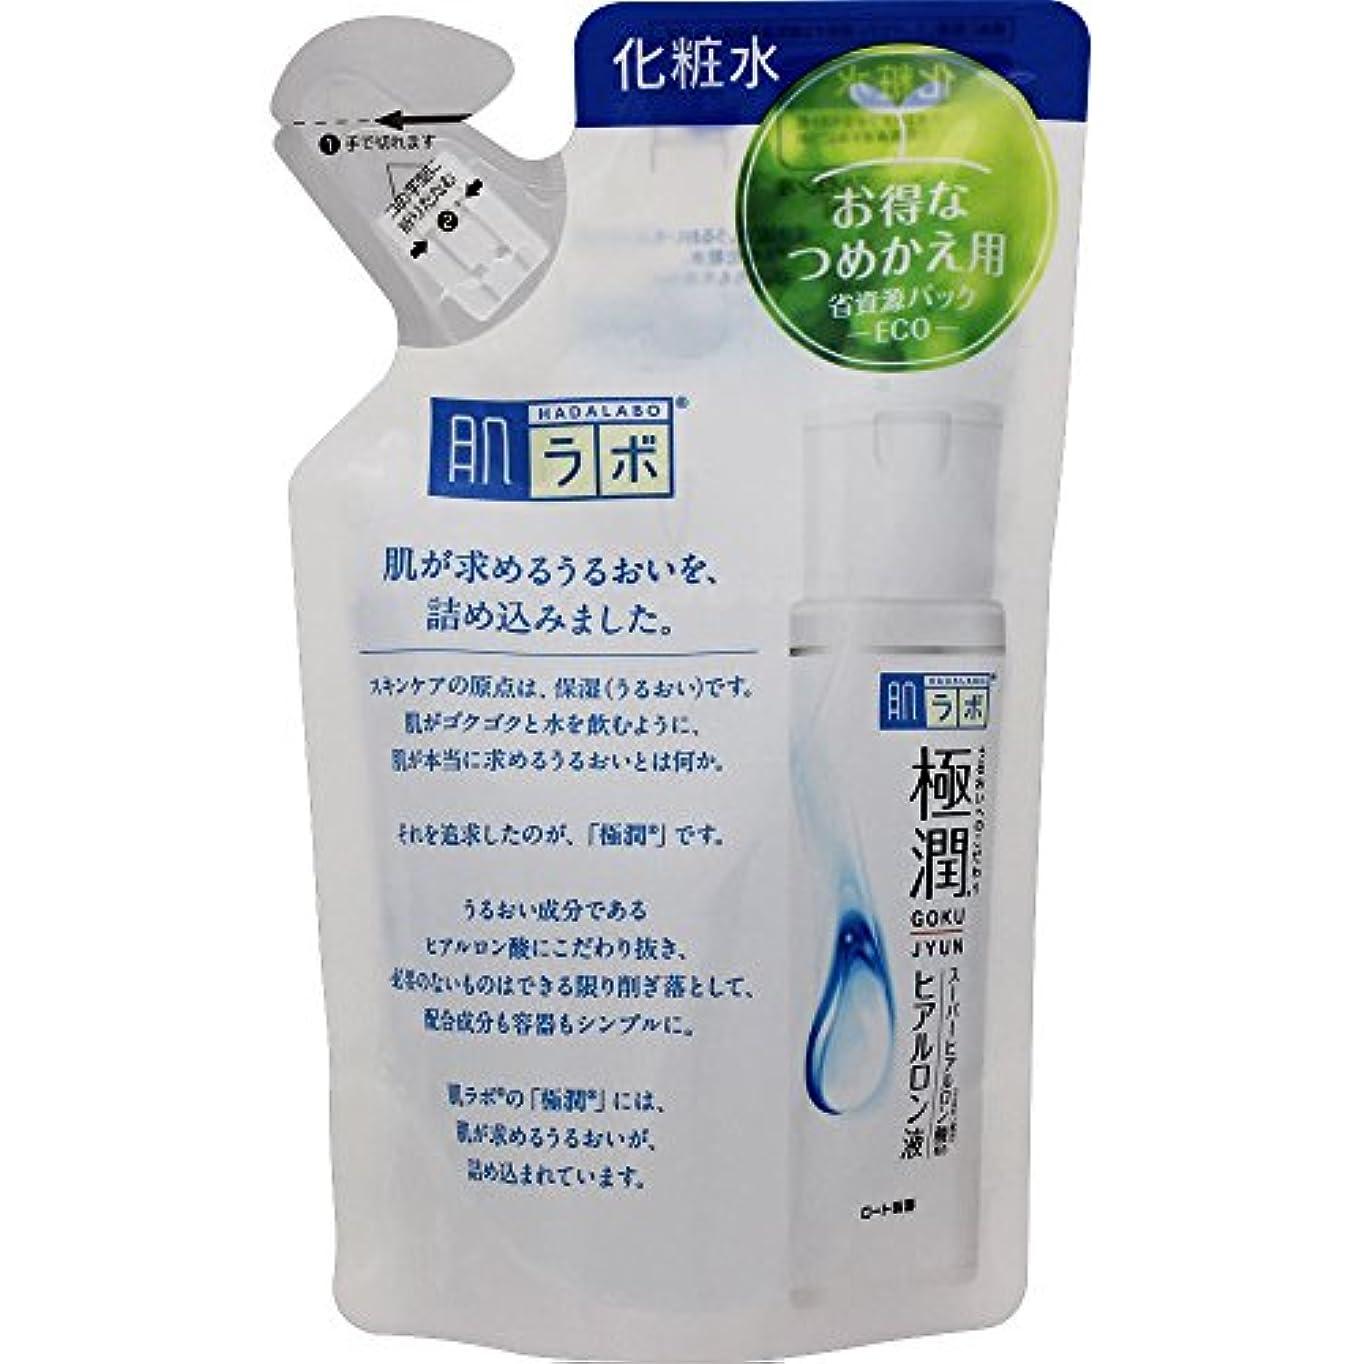 繁栄するブラウス扇動する肌ラボ 極潤 ヒアルロン酸 化粧水 ヒアルロン酸3種配合 詰替用 170ml